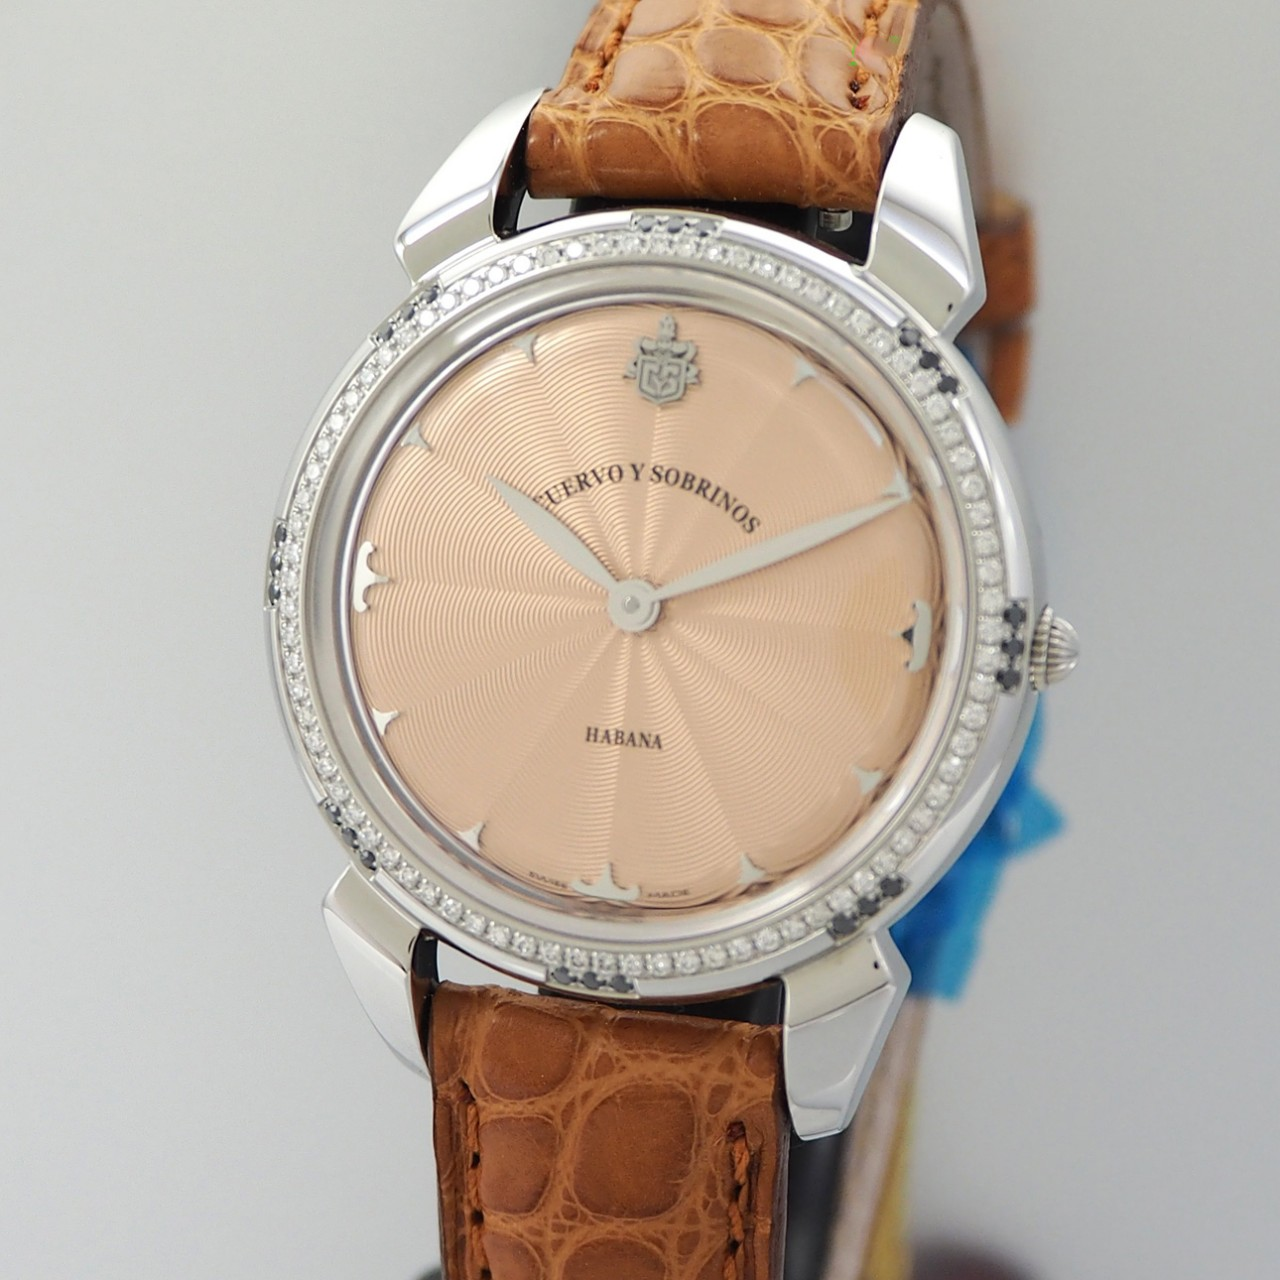 Cuervo Sobrinos Lady Historiador Diamonds 3112.1COG-S1 NEU B+P